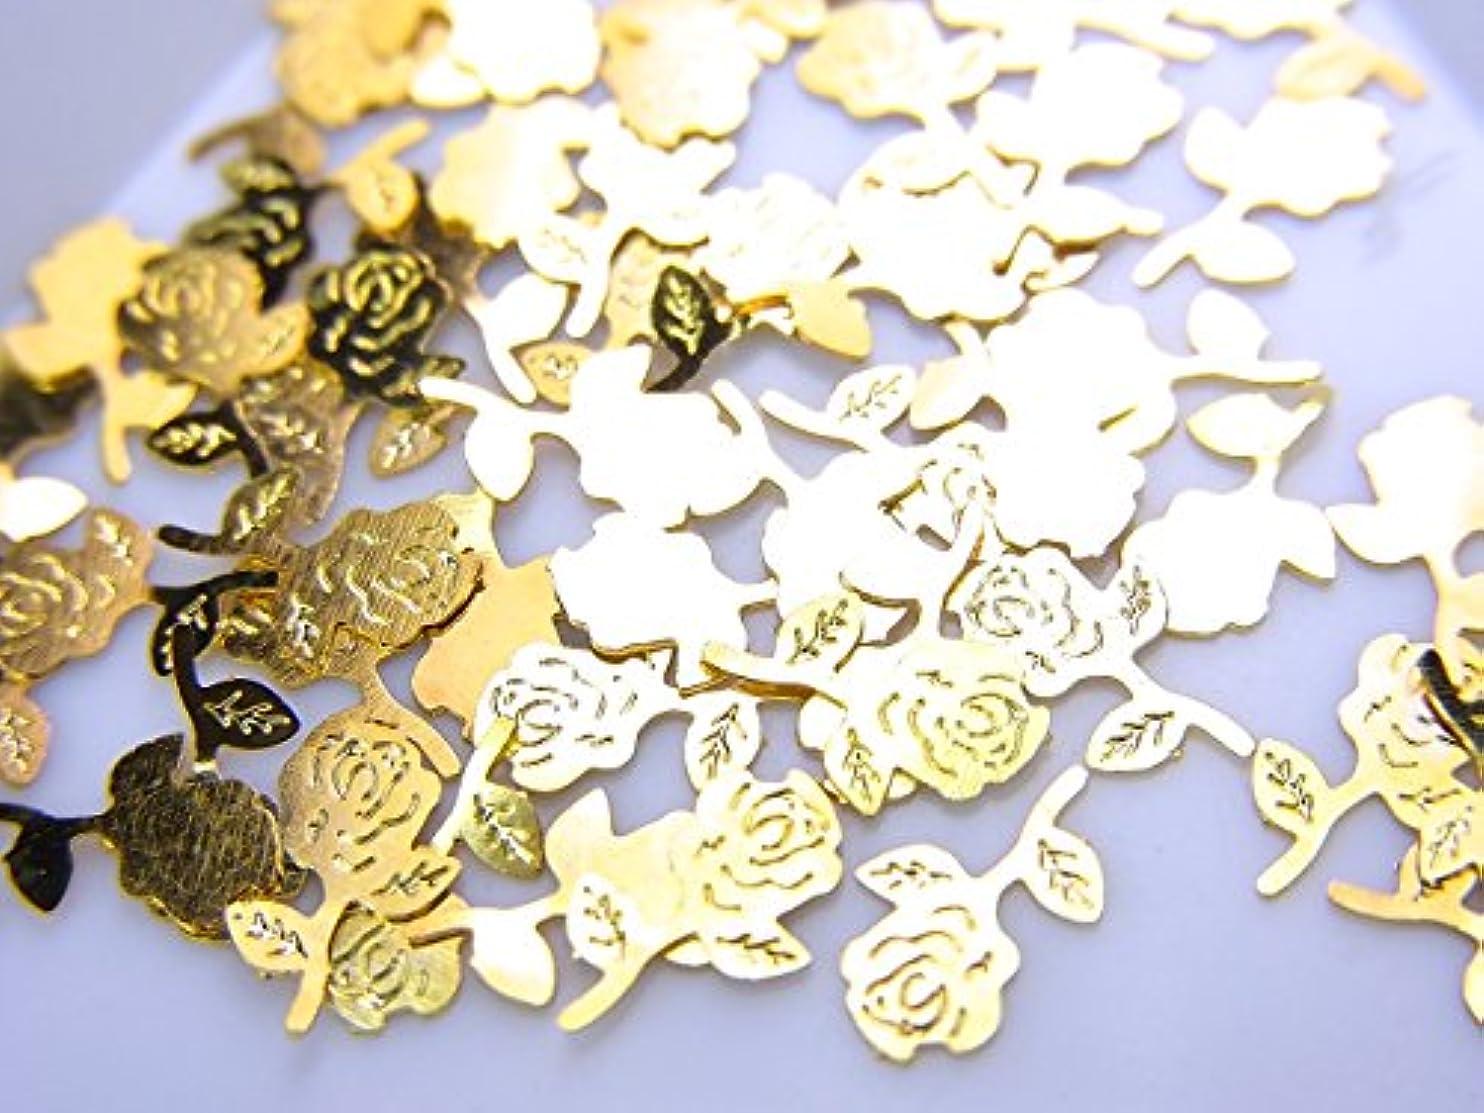 フットボールテーブルカカドゥ【jewel】薄型ネイルパーツ ゴールド 薔薇 バラ10個